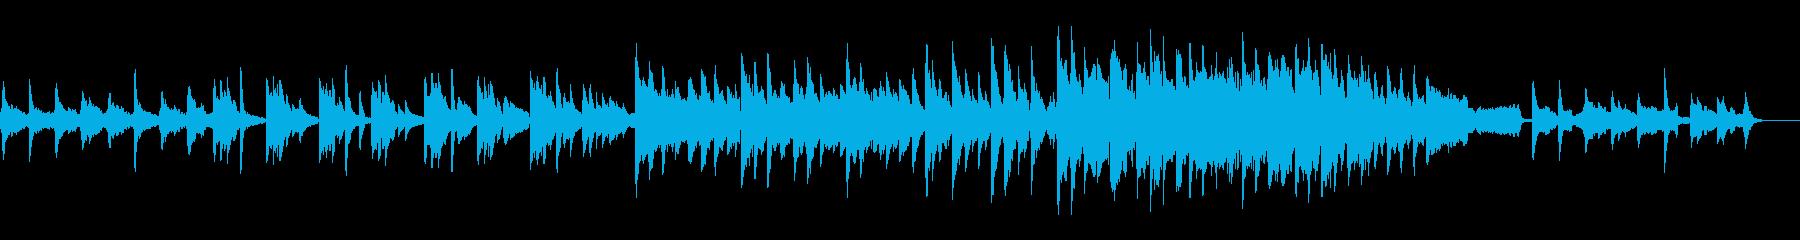 片想いの切なさを表現したピアノバラードの再生済みの波形